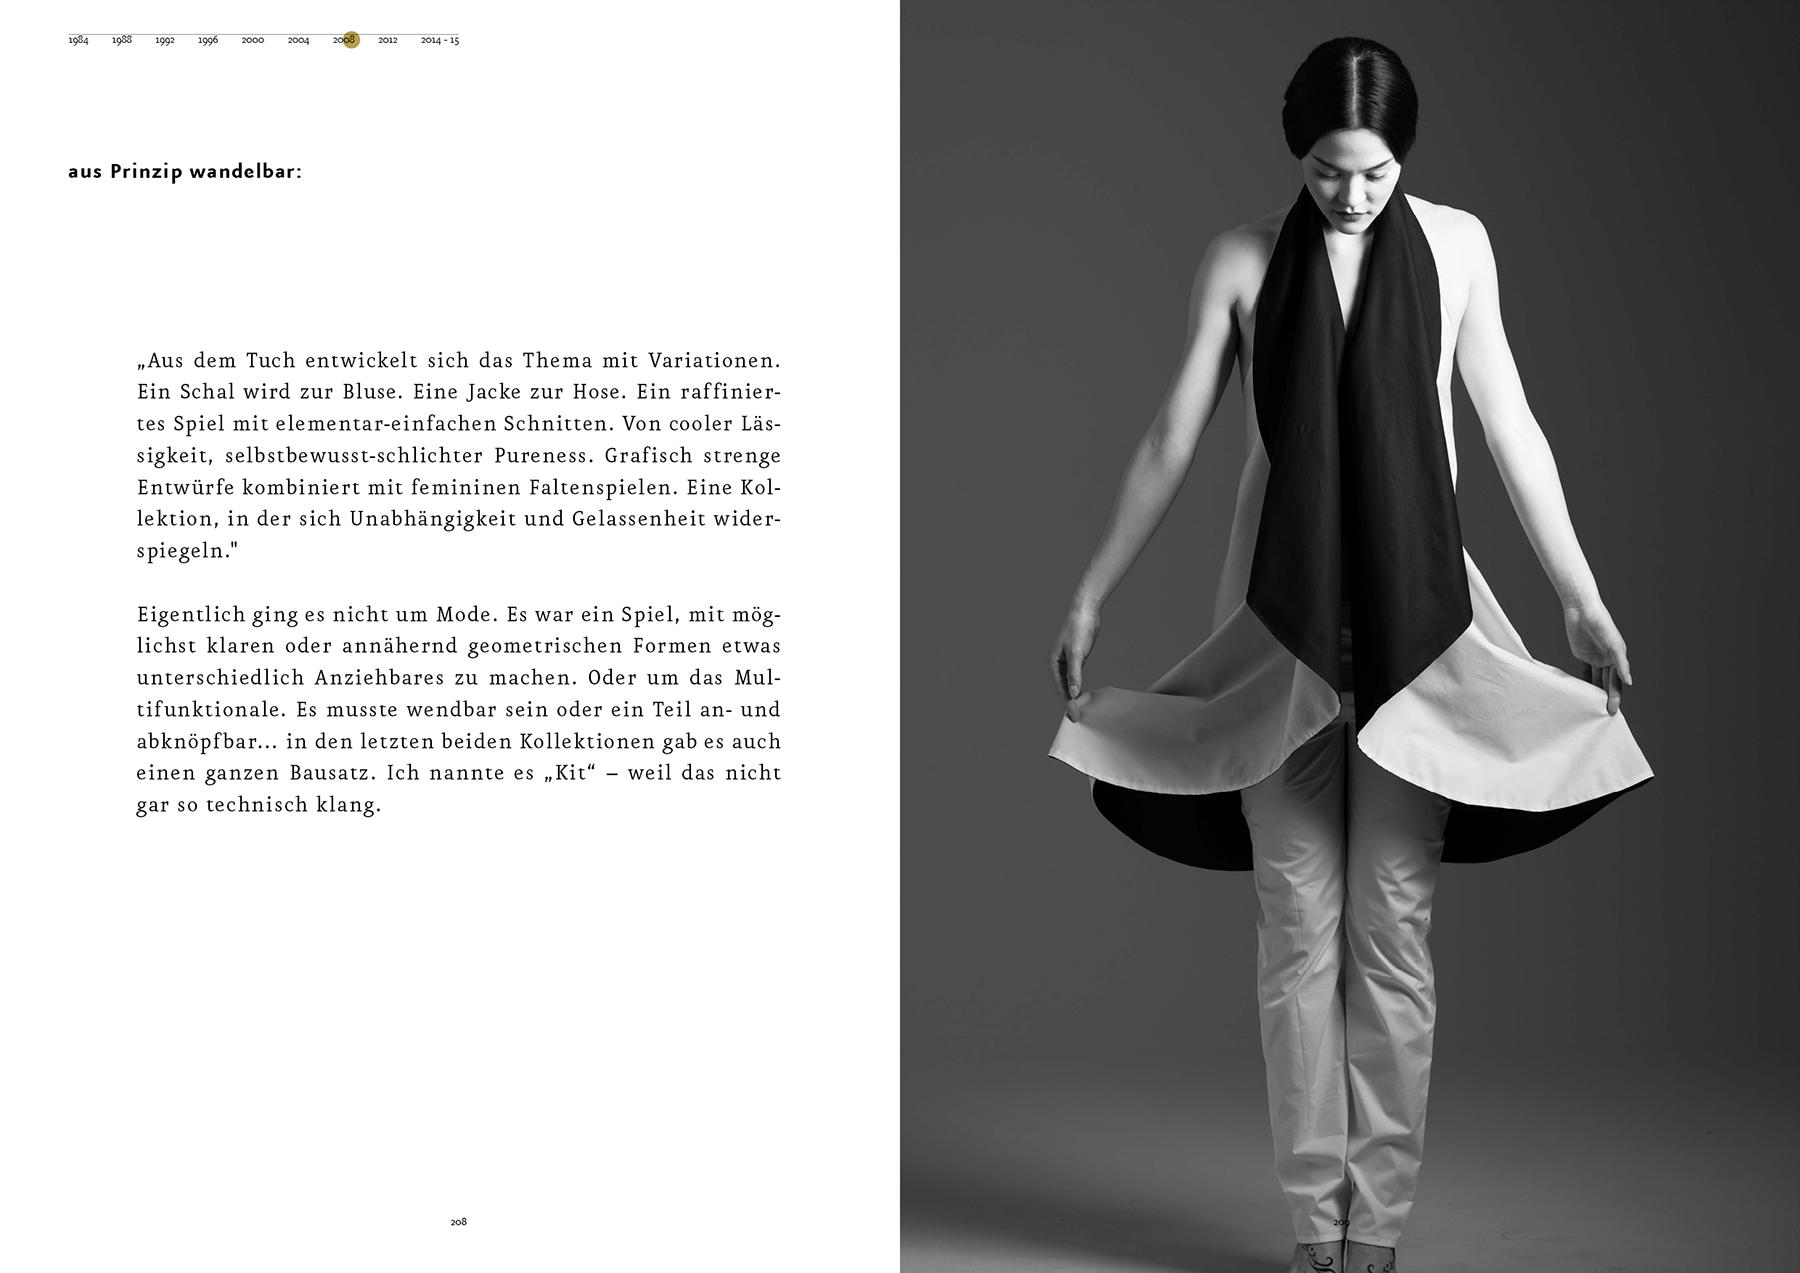 sabine-mescher-sichtung-designbilderbuch-fashiondesign2.png